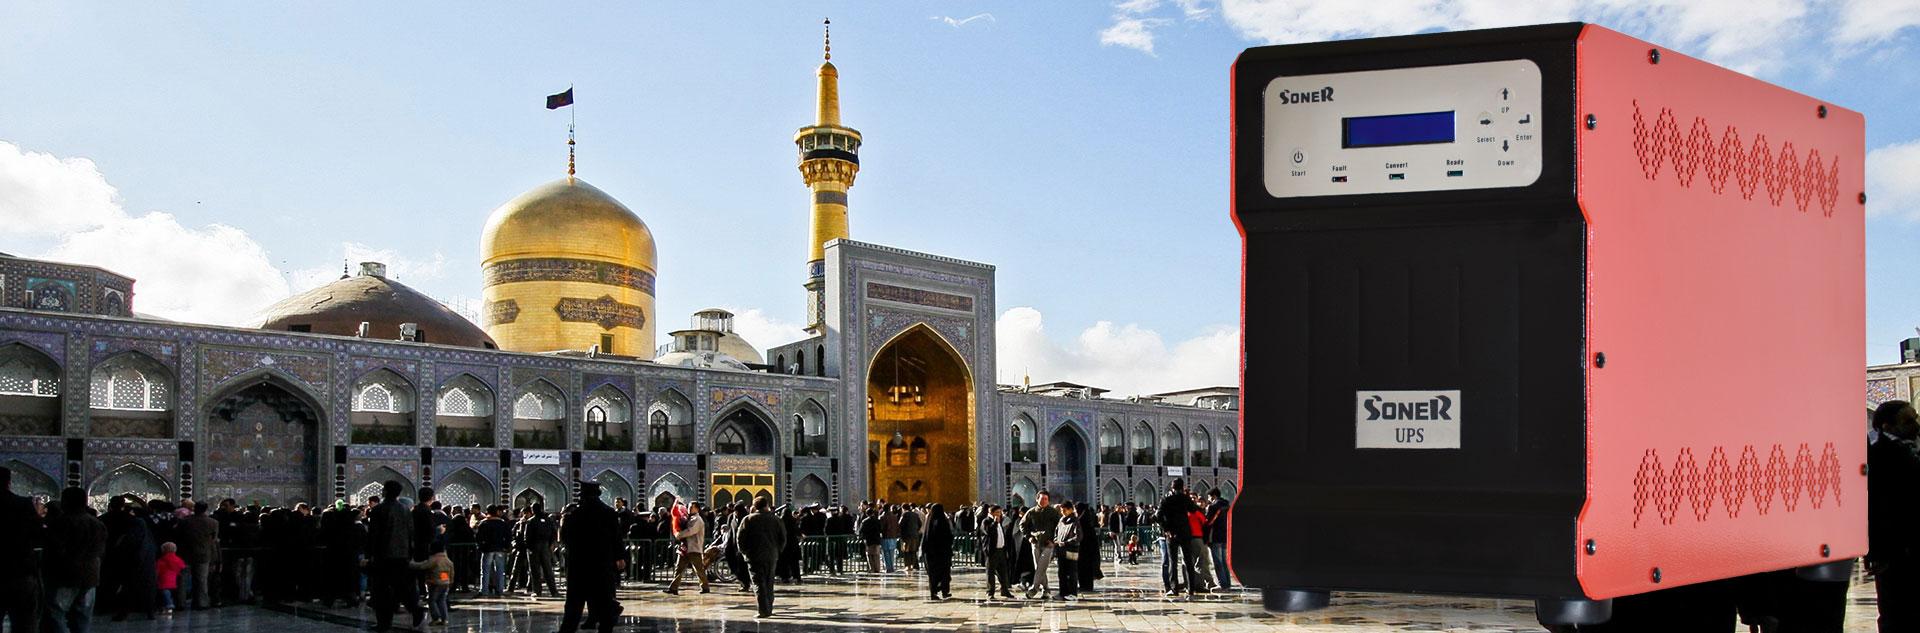 فروش دستگاه یو پی اس ایرانی سونر در مشهد